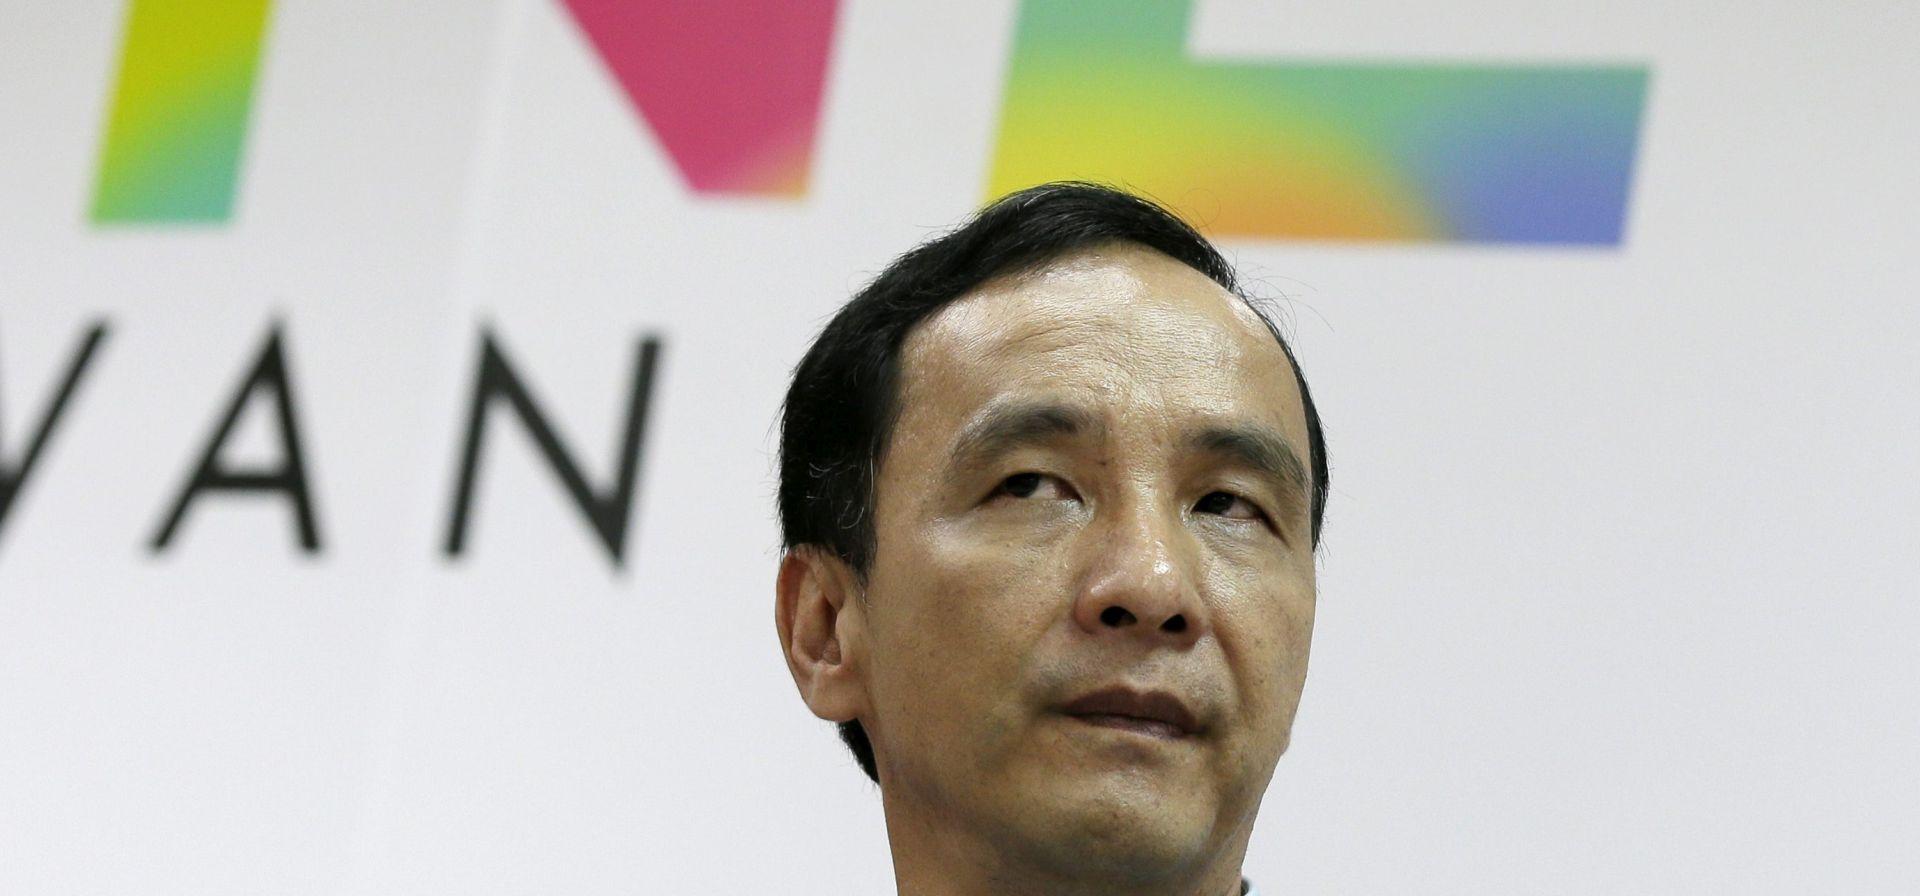 NORMALIZACIJA ODNOSA: Nov diplomatski koraci između Kine i Tajvana